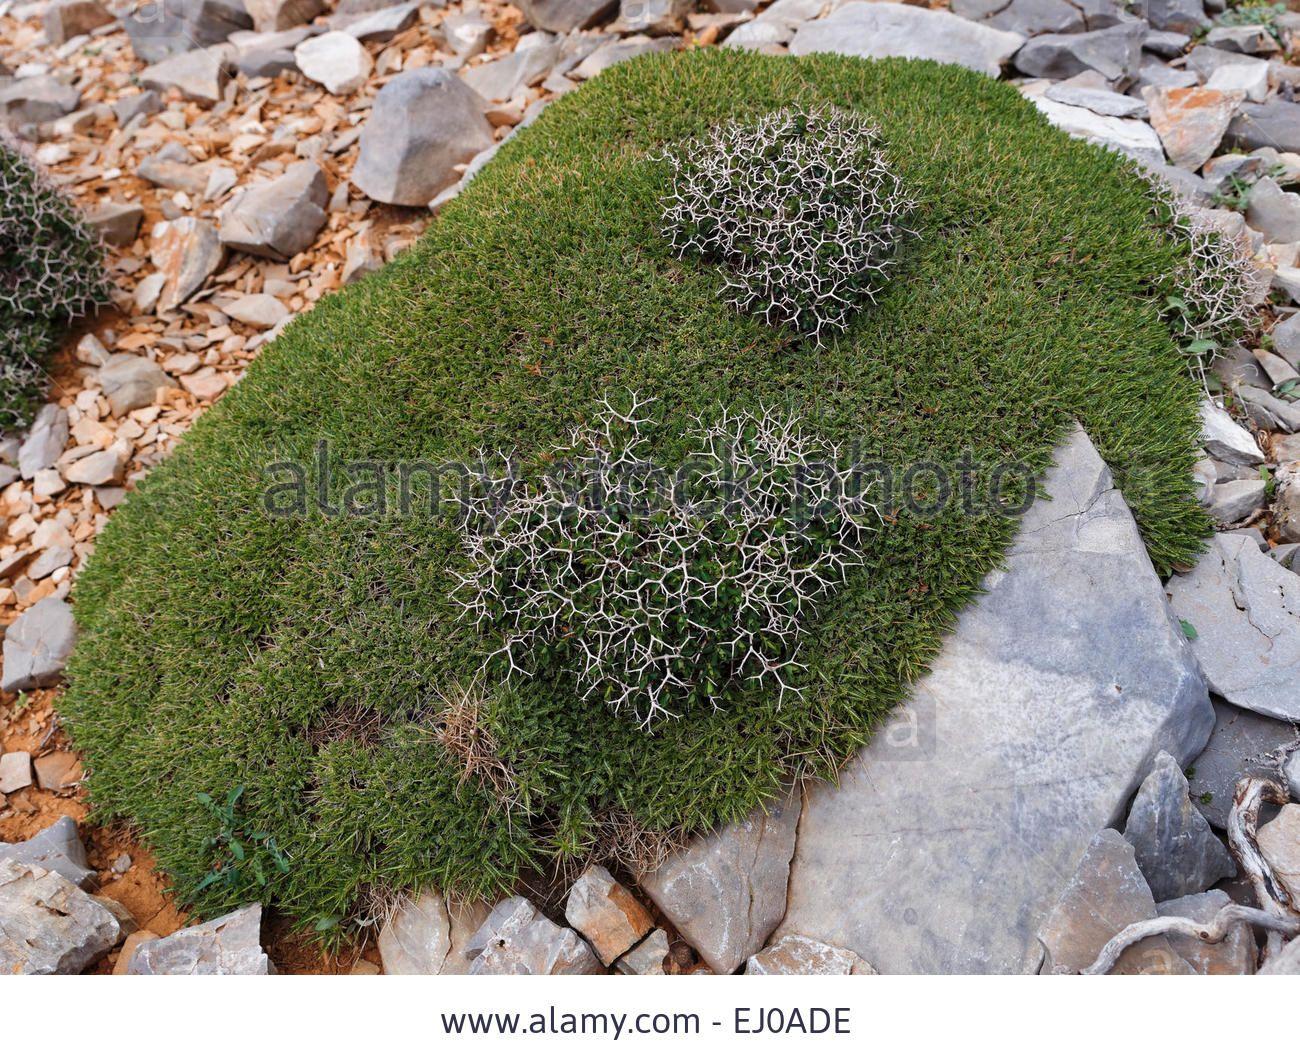 Thorn Bush Greek Spiny Spurge Thorn Cushion Plant Thorn Shrub